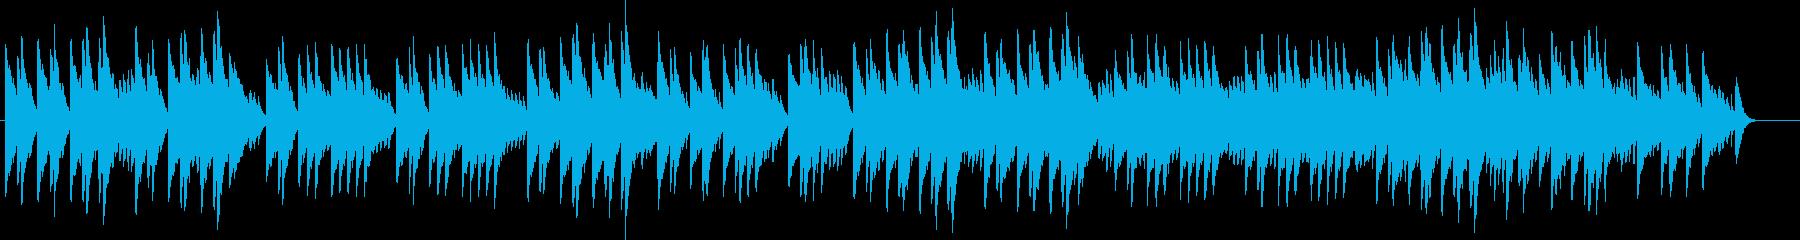 新世界より第2楽章「家路」(オルゴール)の再生済みの波形